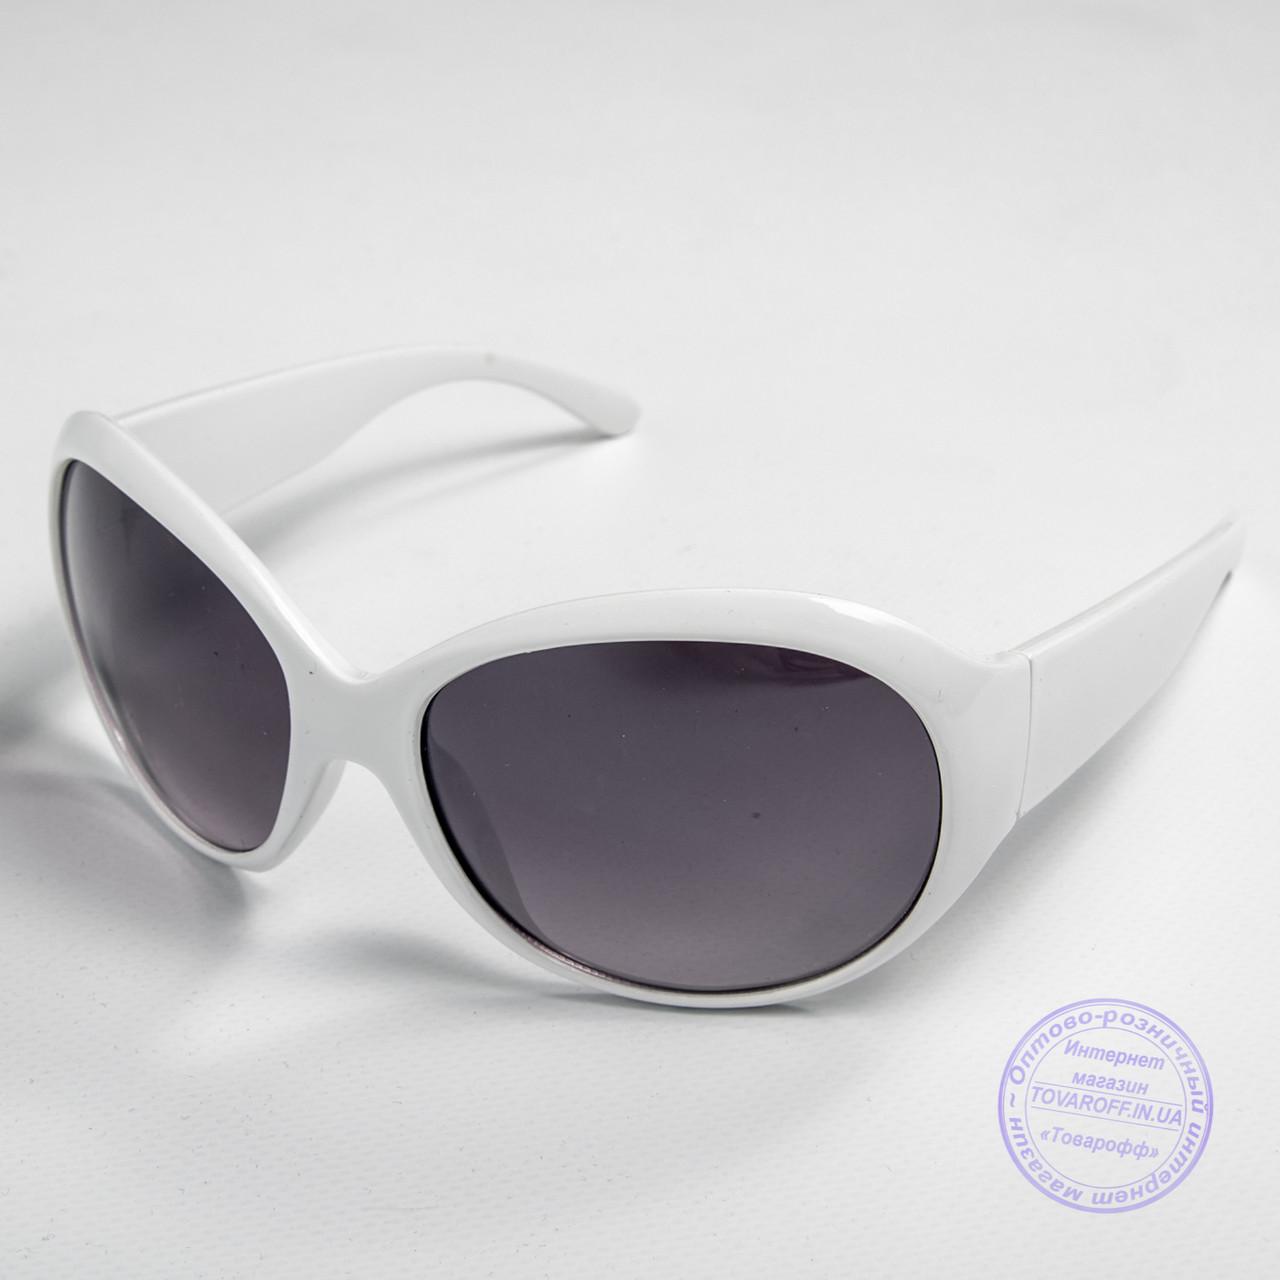 Розпродаж жіночих сонячних окулярів оптом - Білі - D76